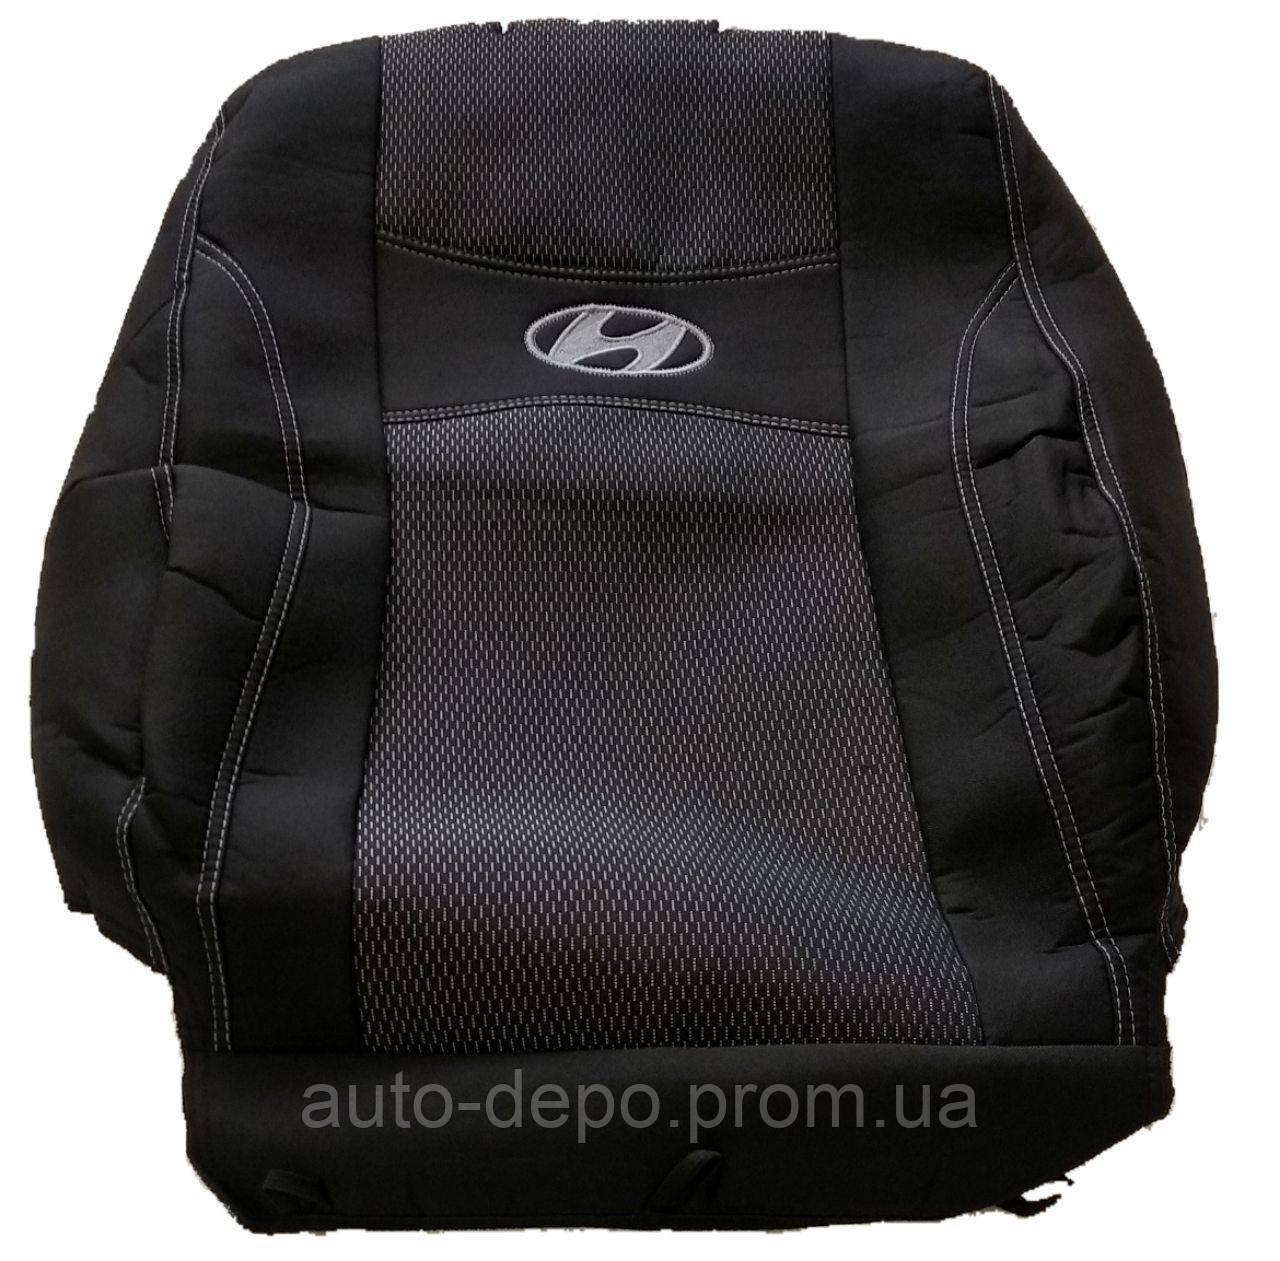 Чохли на сидіння Хюндай i20, Авточохли для Hyundai i20 2008 - повний комплект Nika